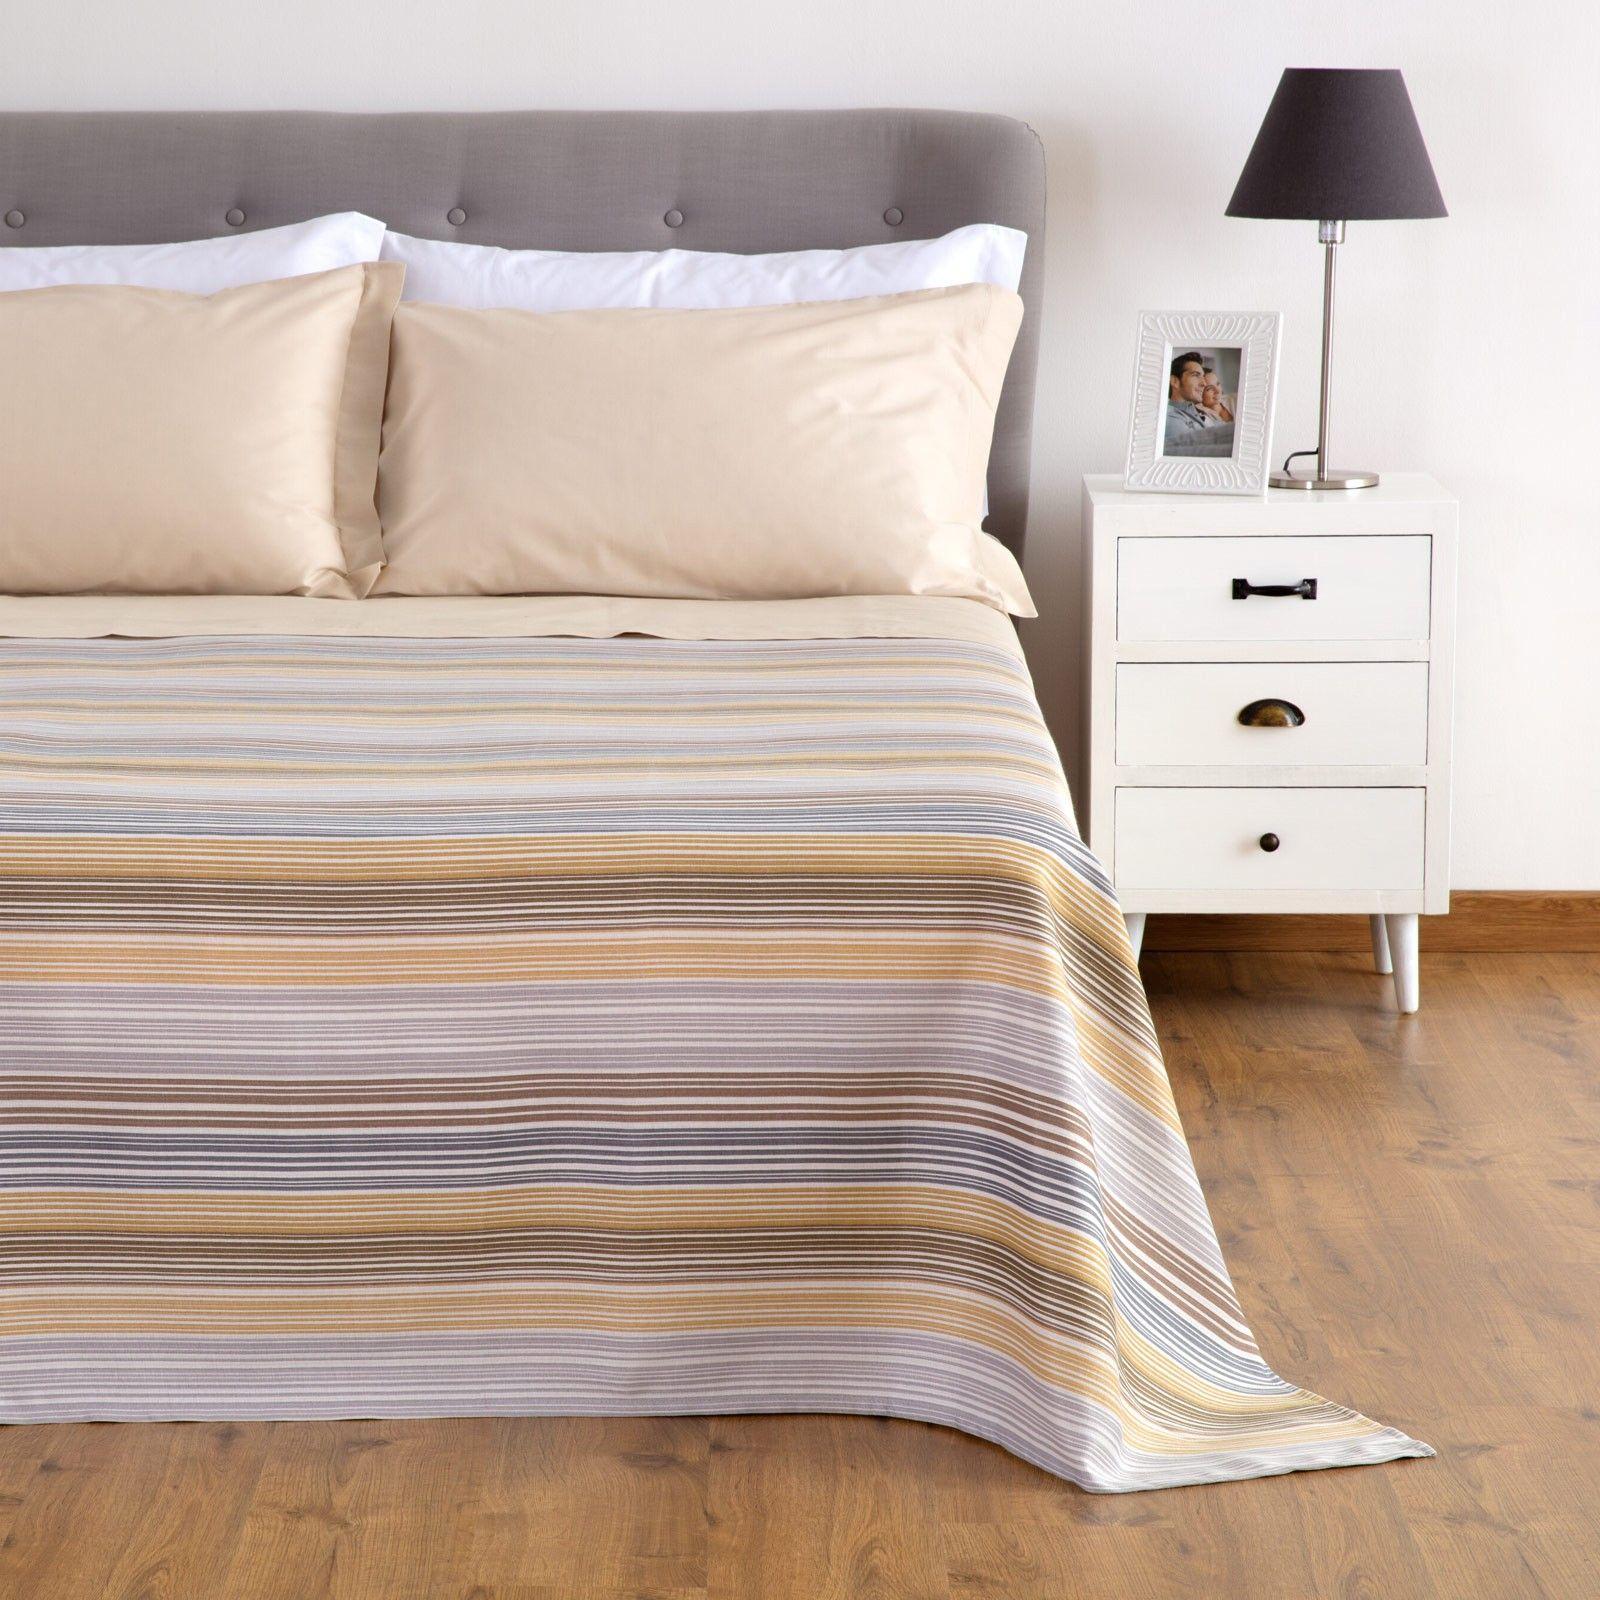 Copriletto Cannetè Ischia  #carillohome #copriletto #bedroom #cameradaletto #pinterest #pinit #home #casa #homdecor